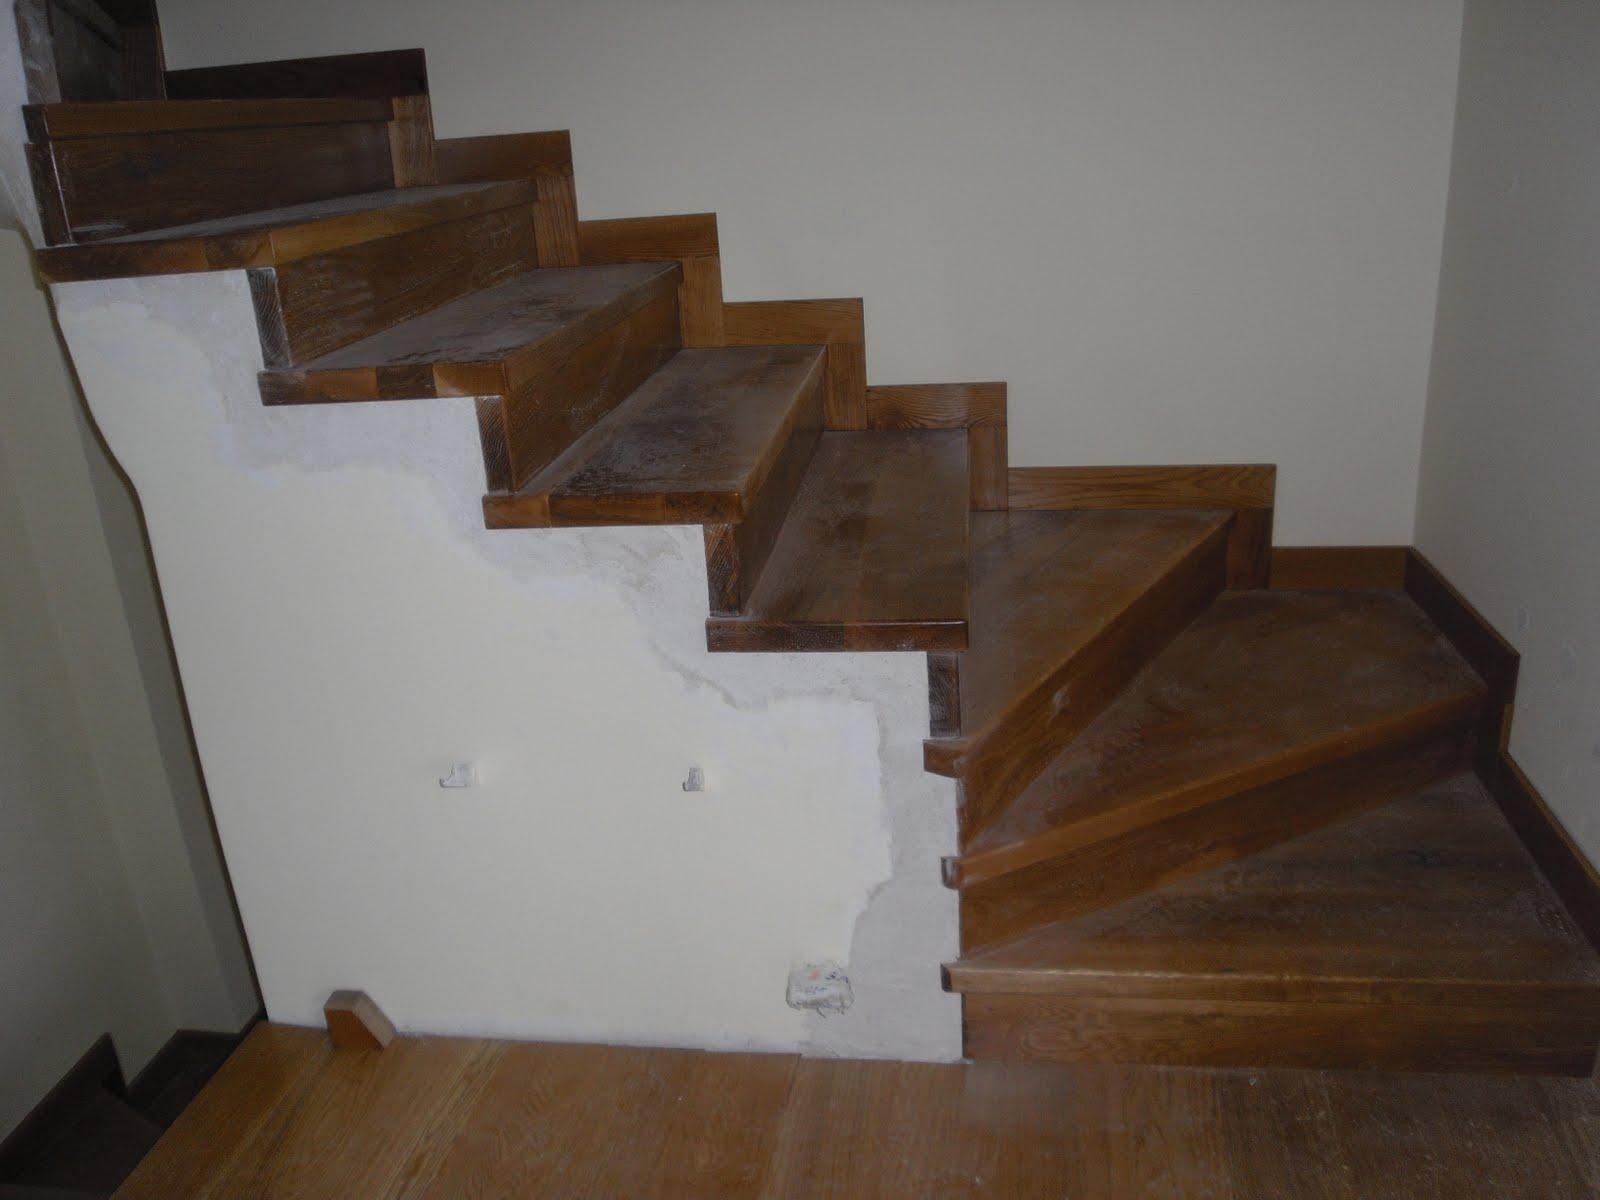 El carpintero escaleras de madera - Madera para peldanos de escalera ...